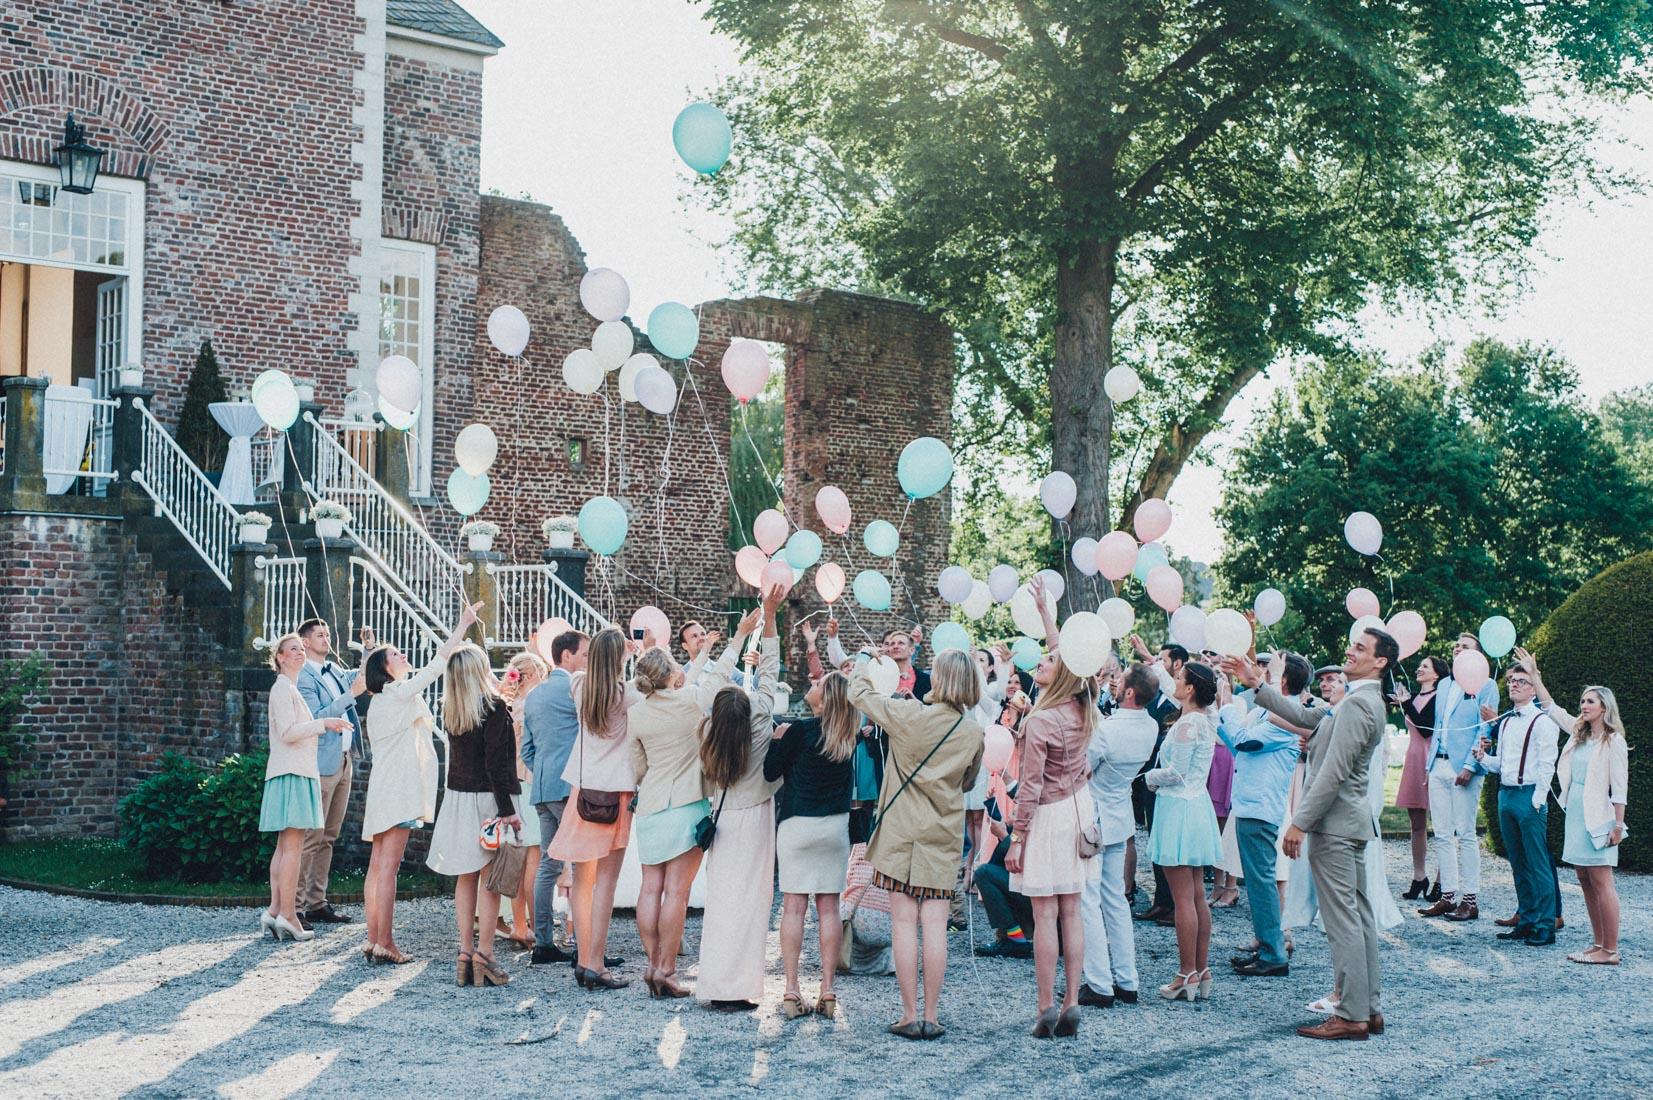 pastel-vintage-hertefeld-175 hochzeitsfotograf schloss hertefeldGalina & Robert DIY Pastel Vintage Hochzeit auf Schloss Hertefeldpastel vintage hertefeld 175